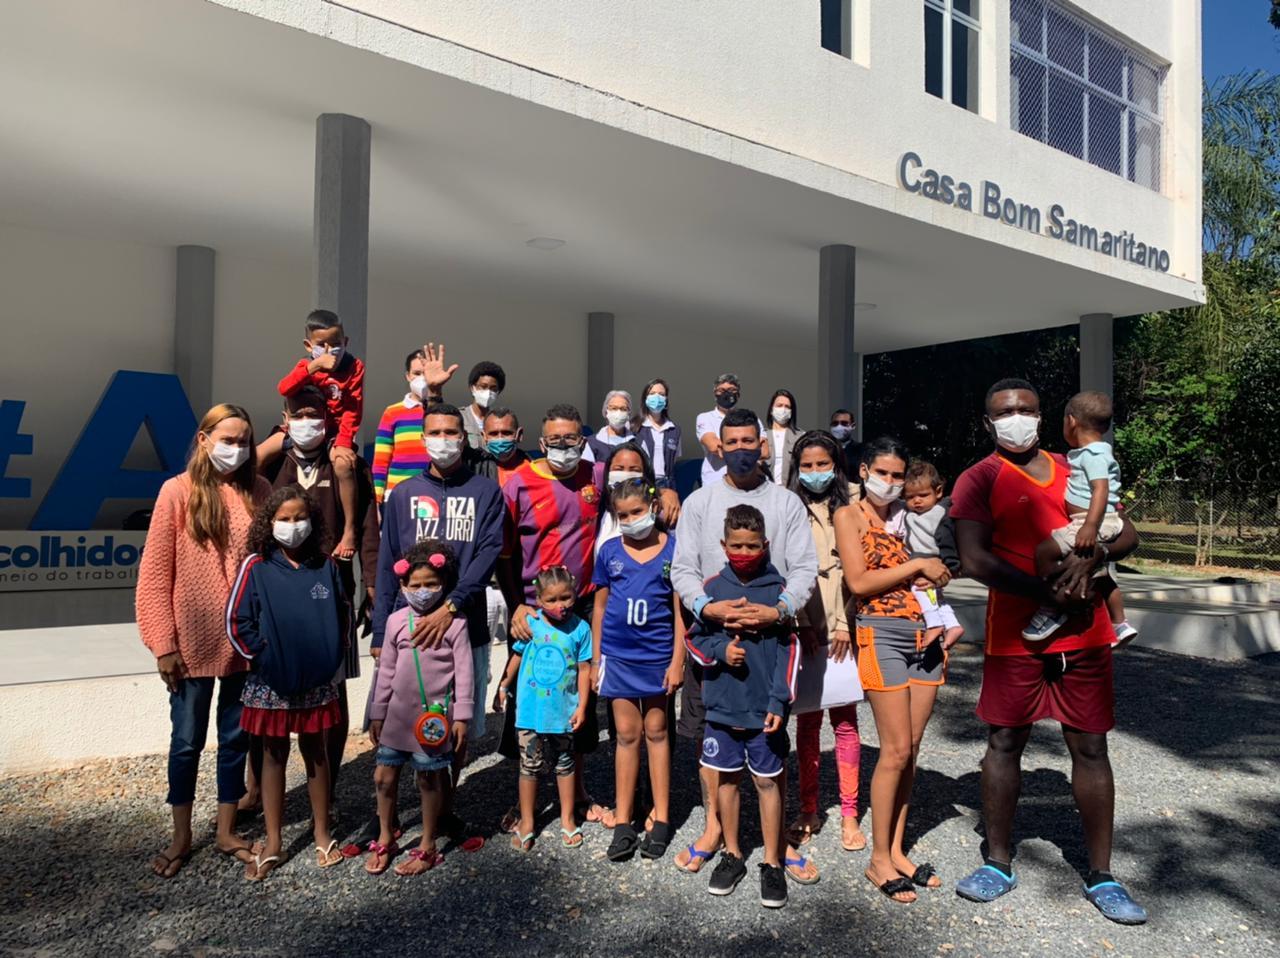 Casa Bom Samaritano em Brasília (DF) acolhe o primeiro grupo de 19 migrantes Venezuelanos